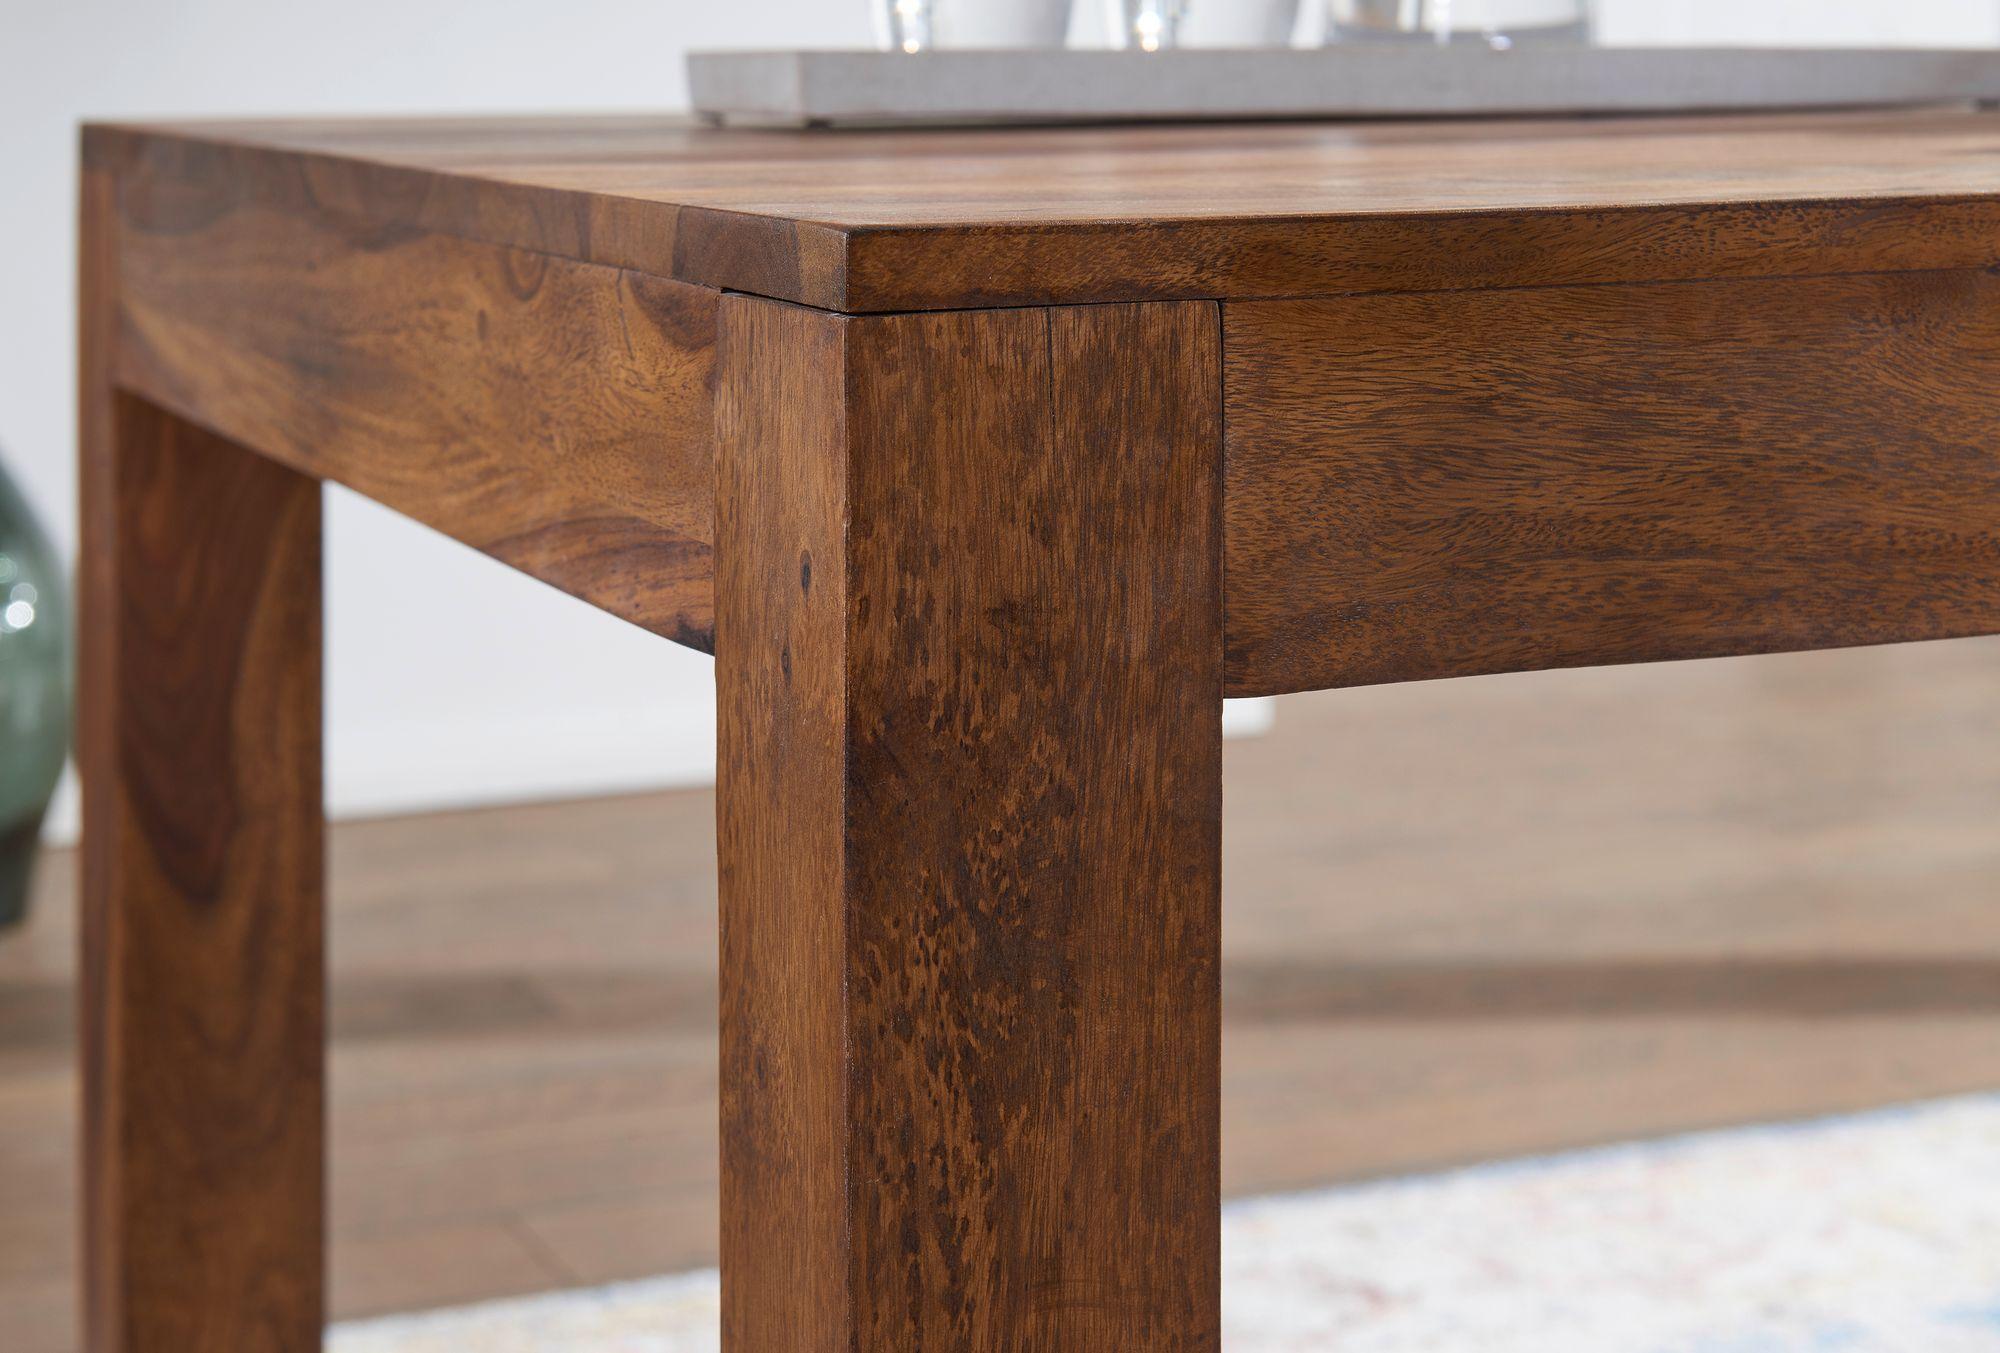 Wohnling esstisch massiv 140 x 80 cm massivholz for Design esstisch 140